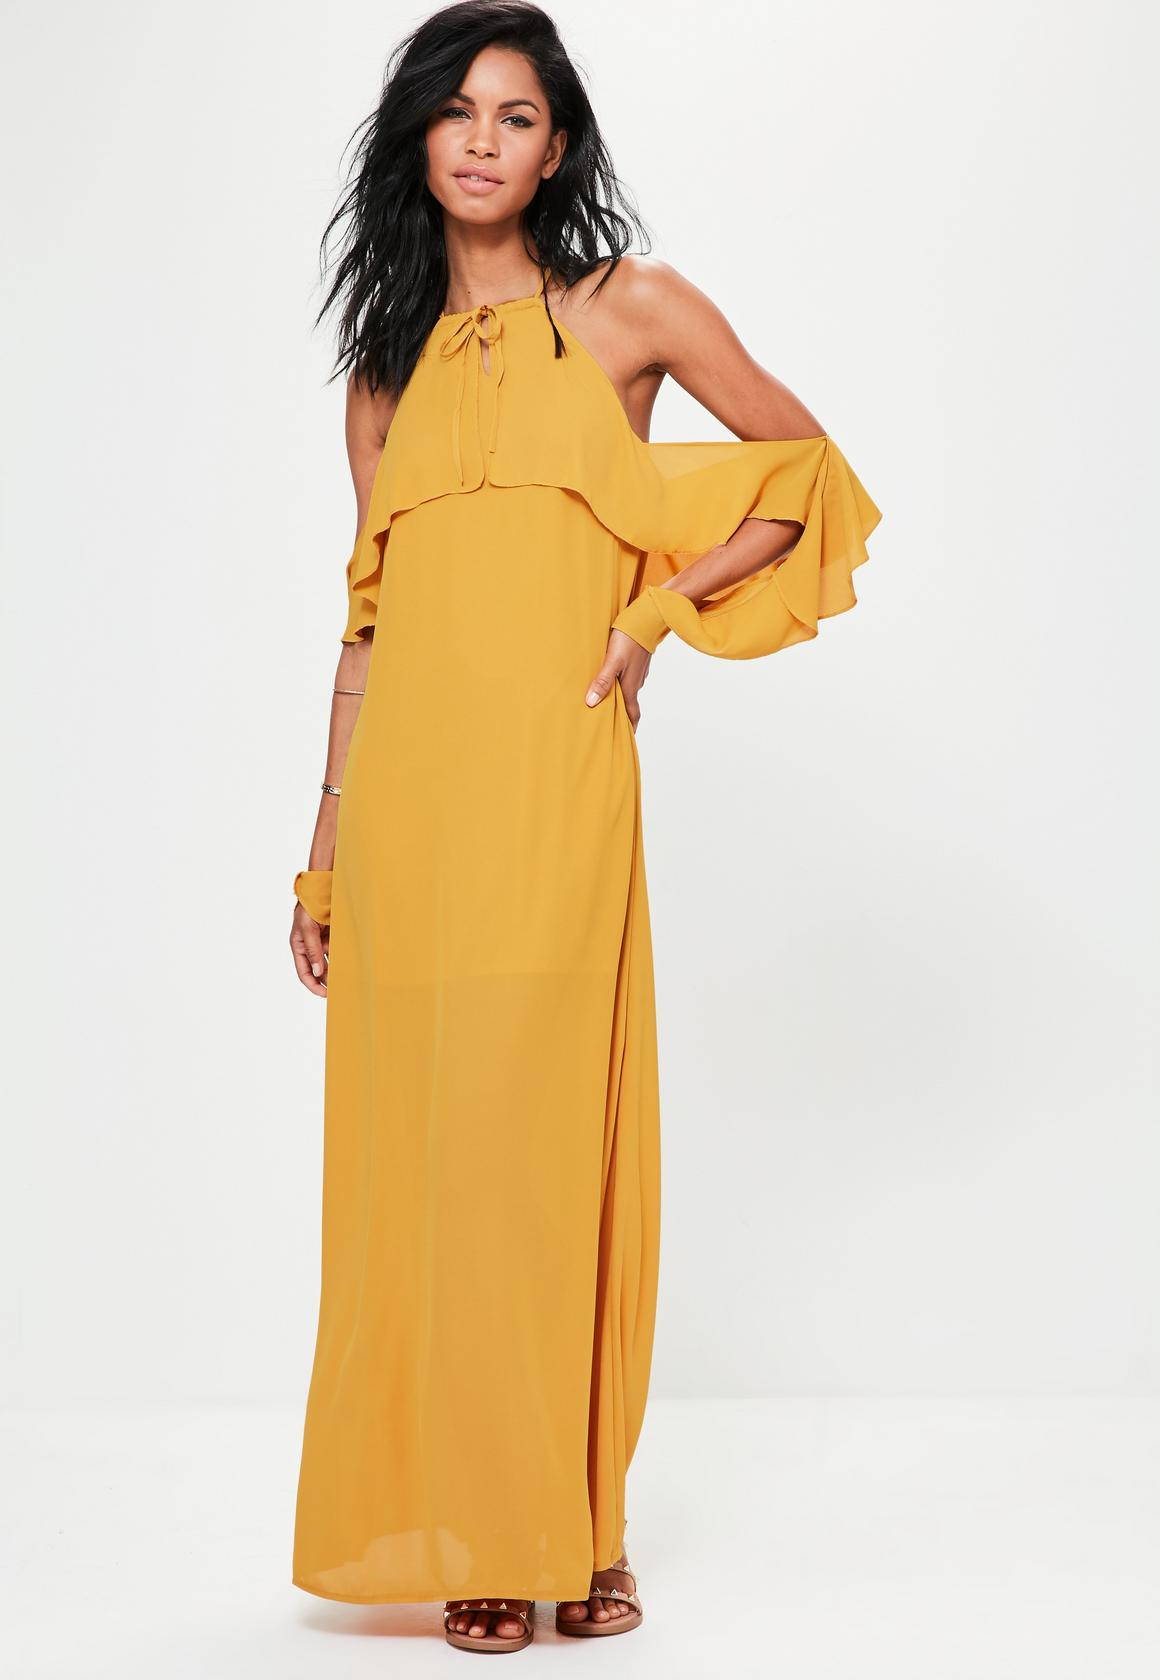 yellow maxi dress previous next DNZCJOA